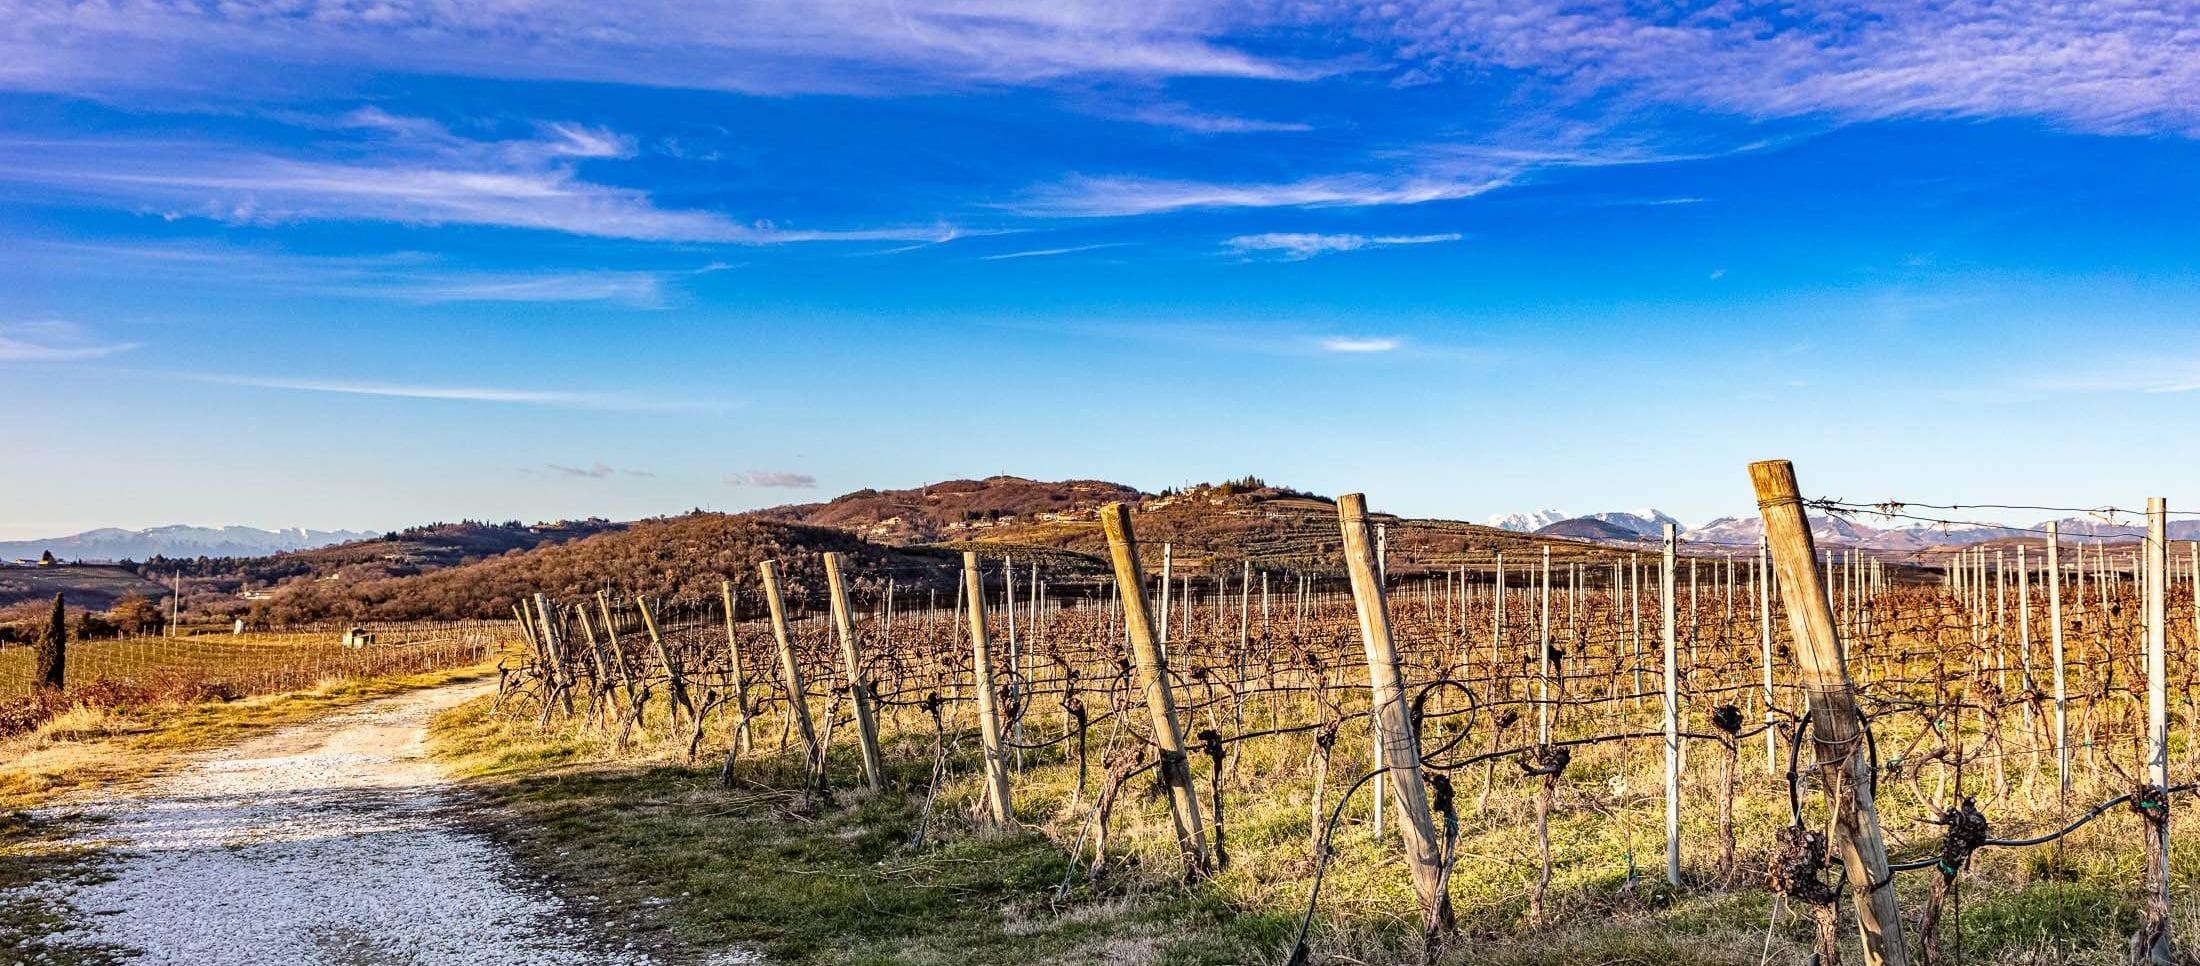 La vigne di Tenuta Sant'Antonio